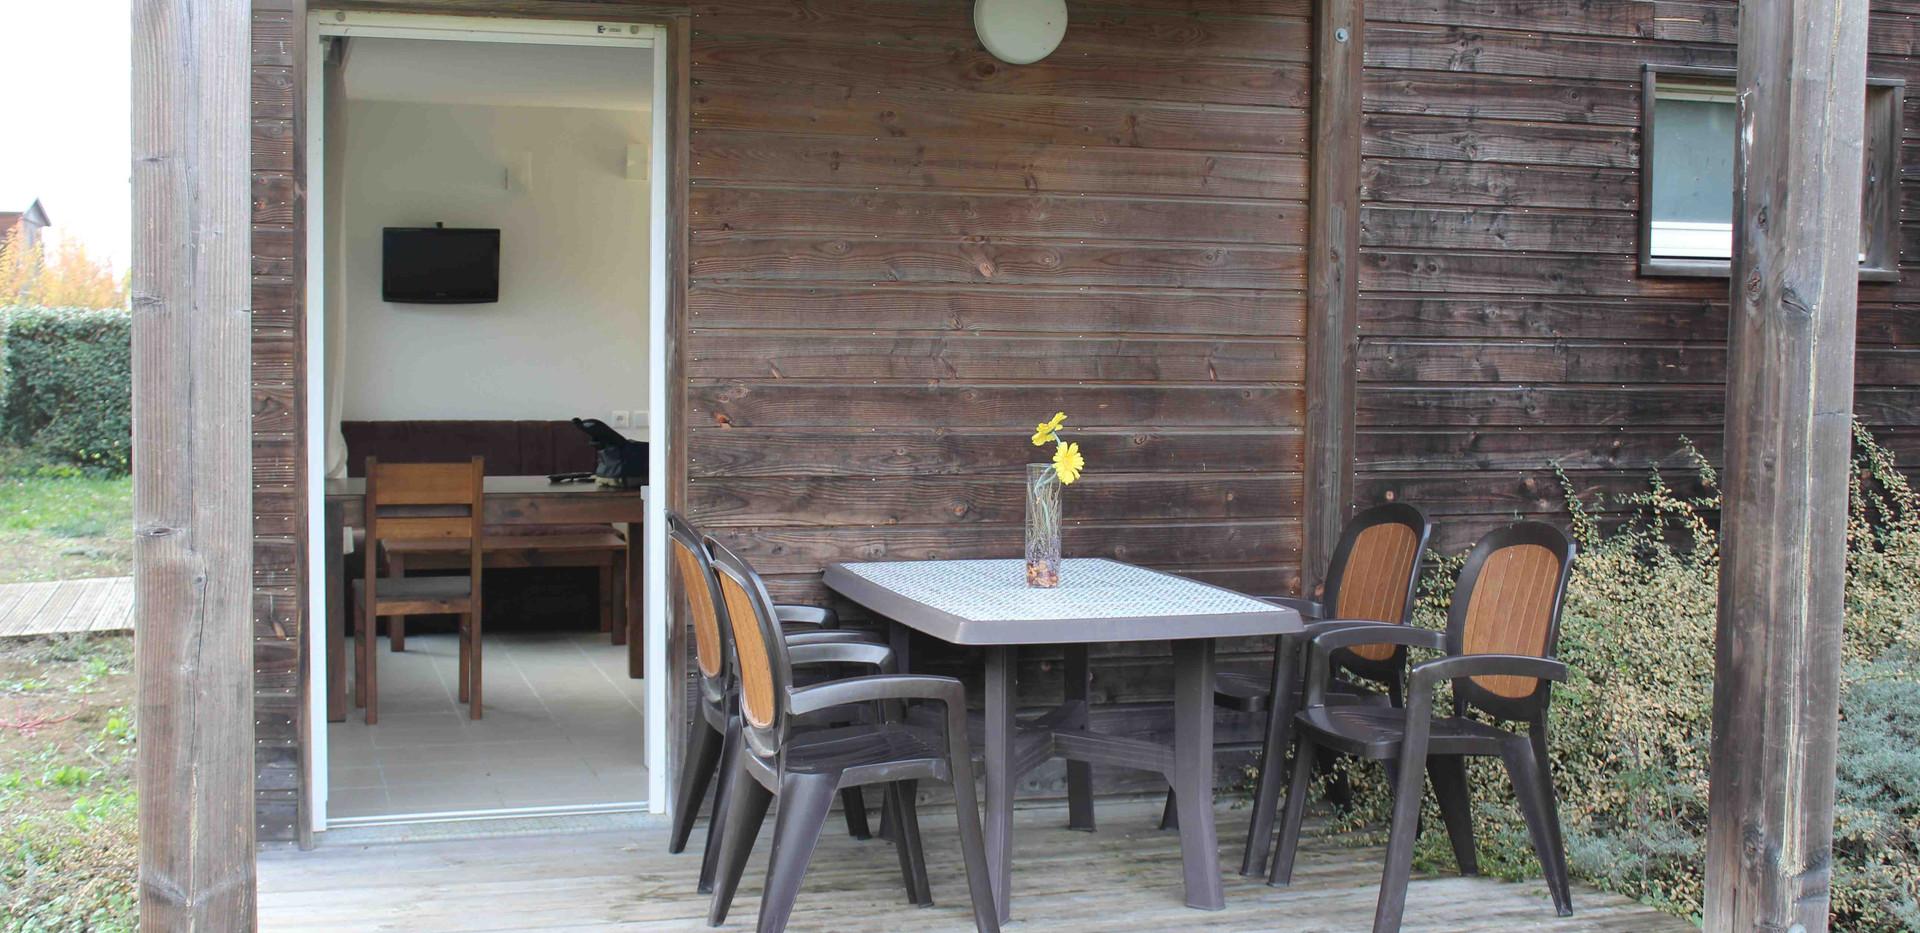 Appartement T2 - Terrasse privée - Location vacances Gers - Domaine de Saint Orens